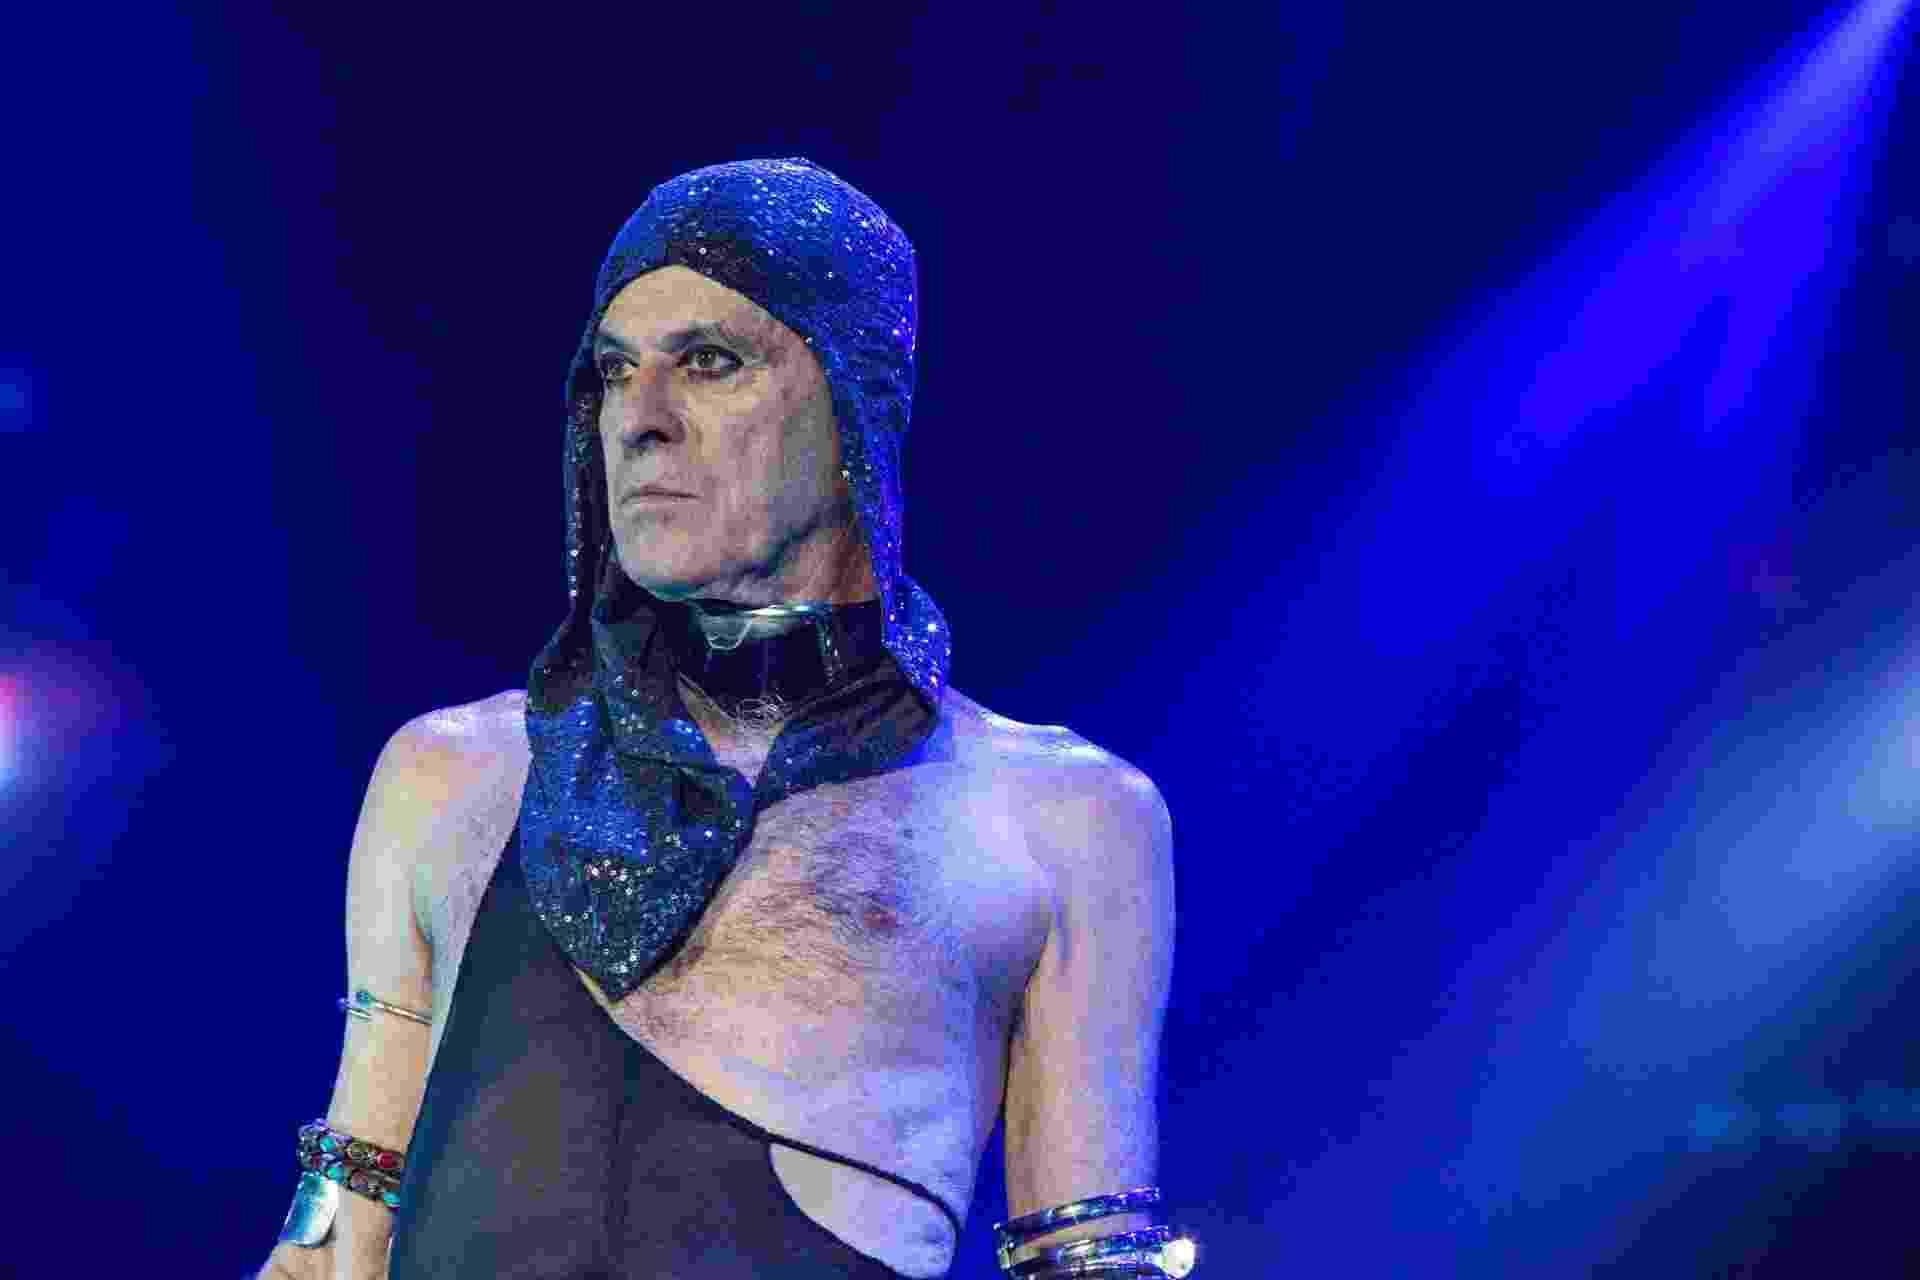 """No sábado, Ney Matogrosso sobe ao palco do Teatro Positivo com a turnê """"Atento aos Sinais"""". Ingressos a partir de R$ 146. - Marcos Hermes"""